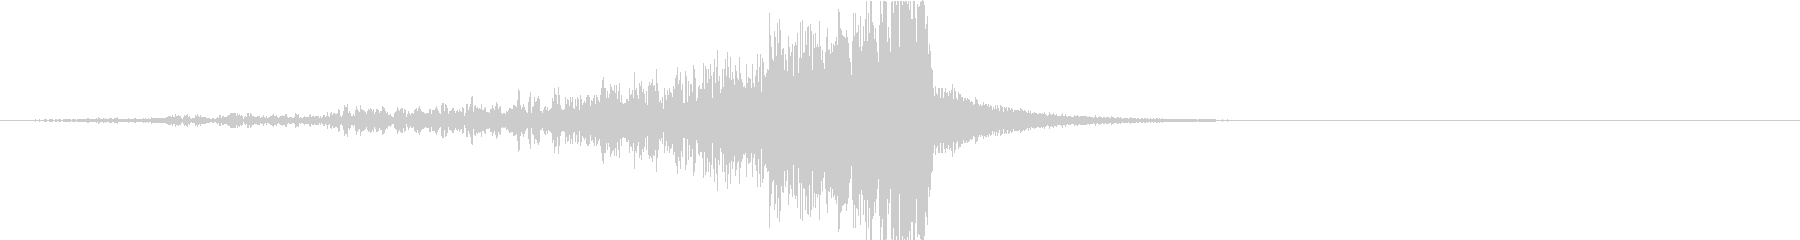 ドラマティックなリバース音41-01の未再生の波形